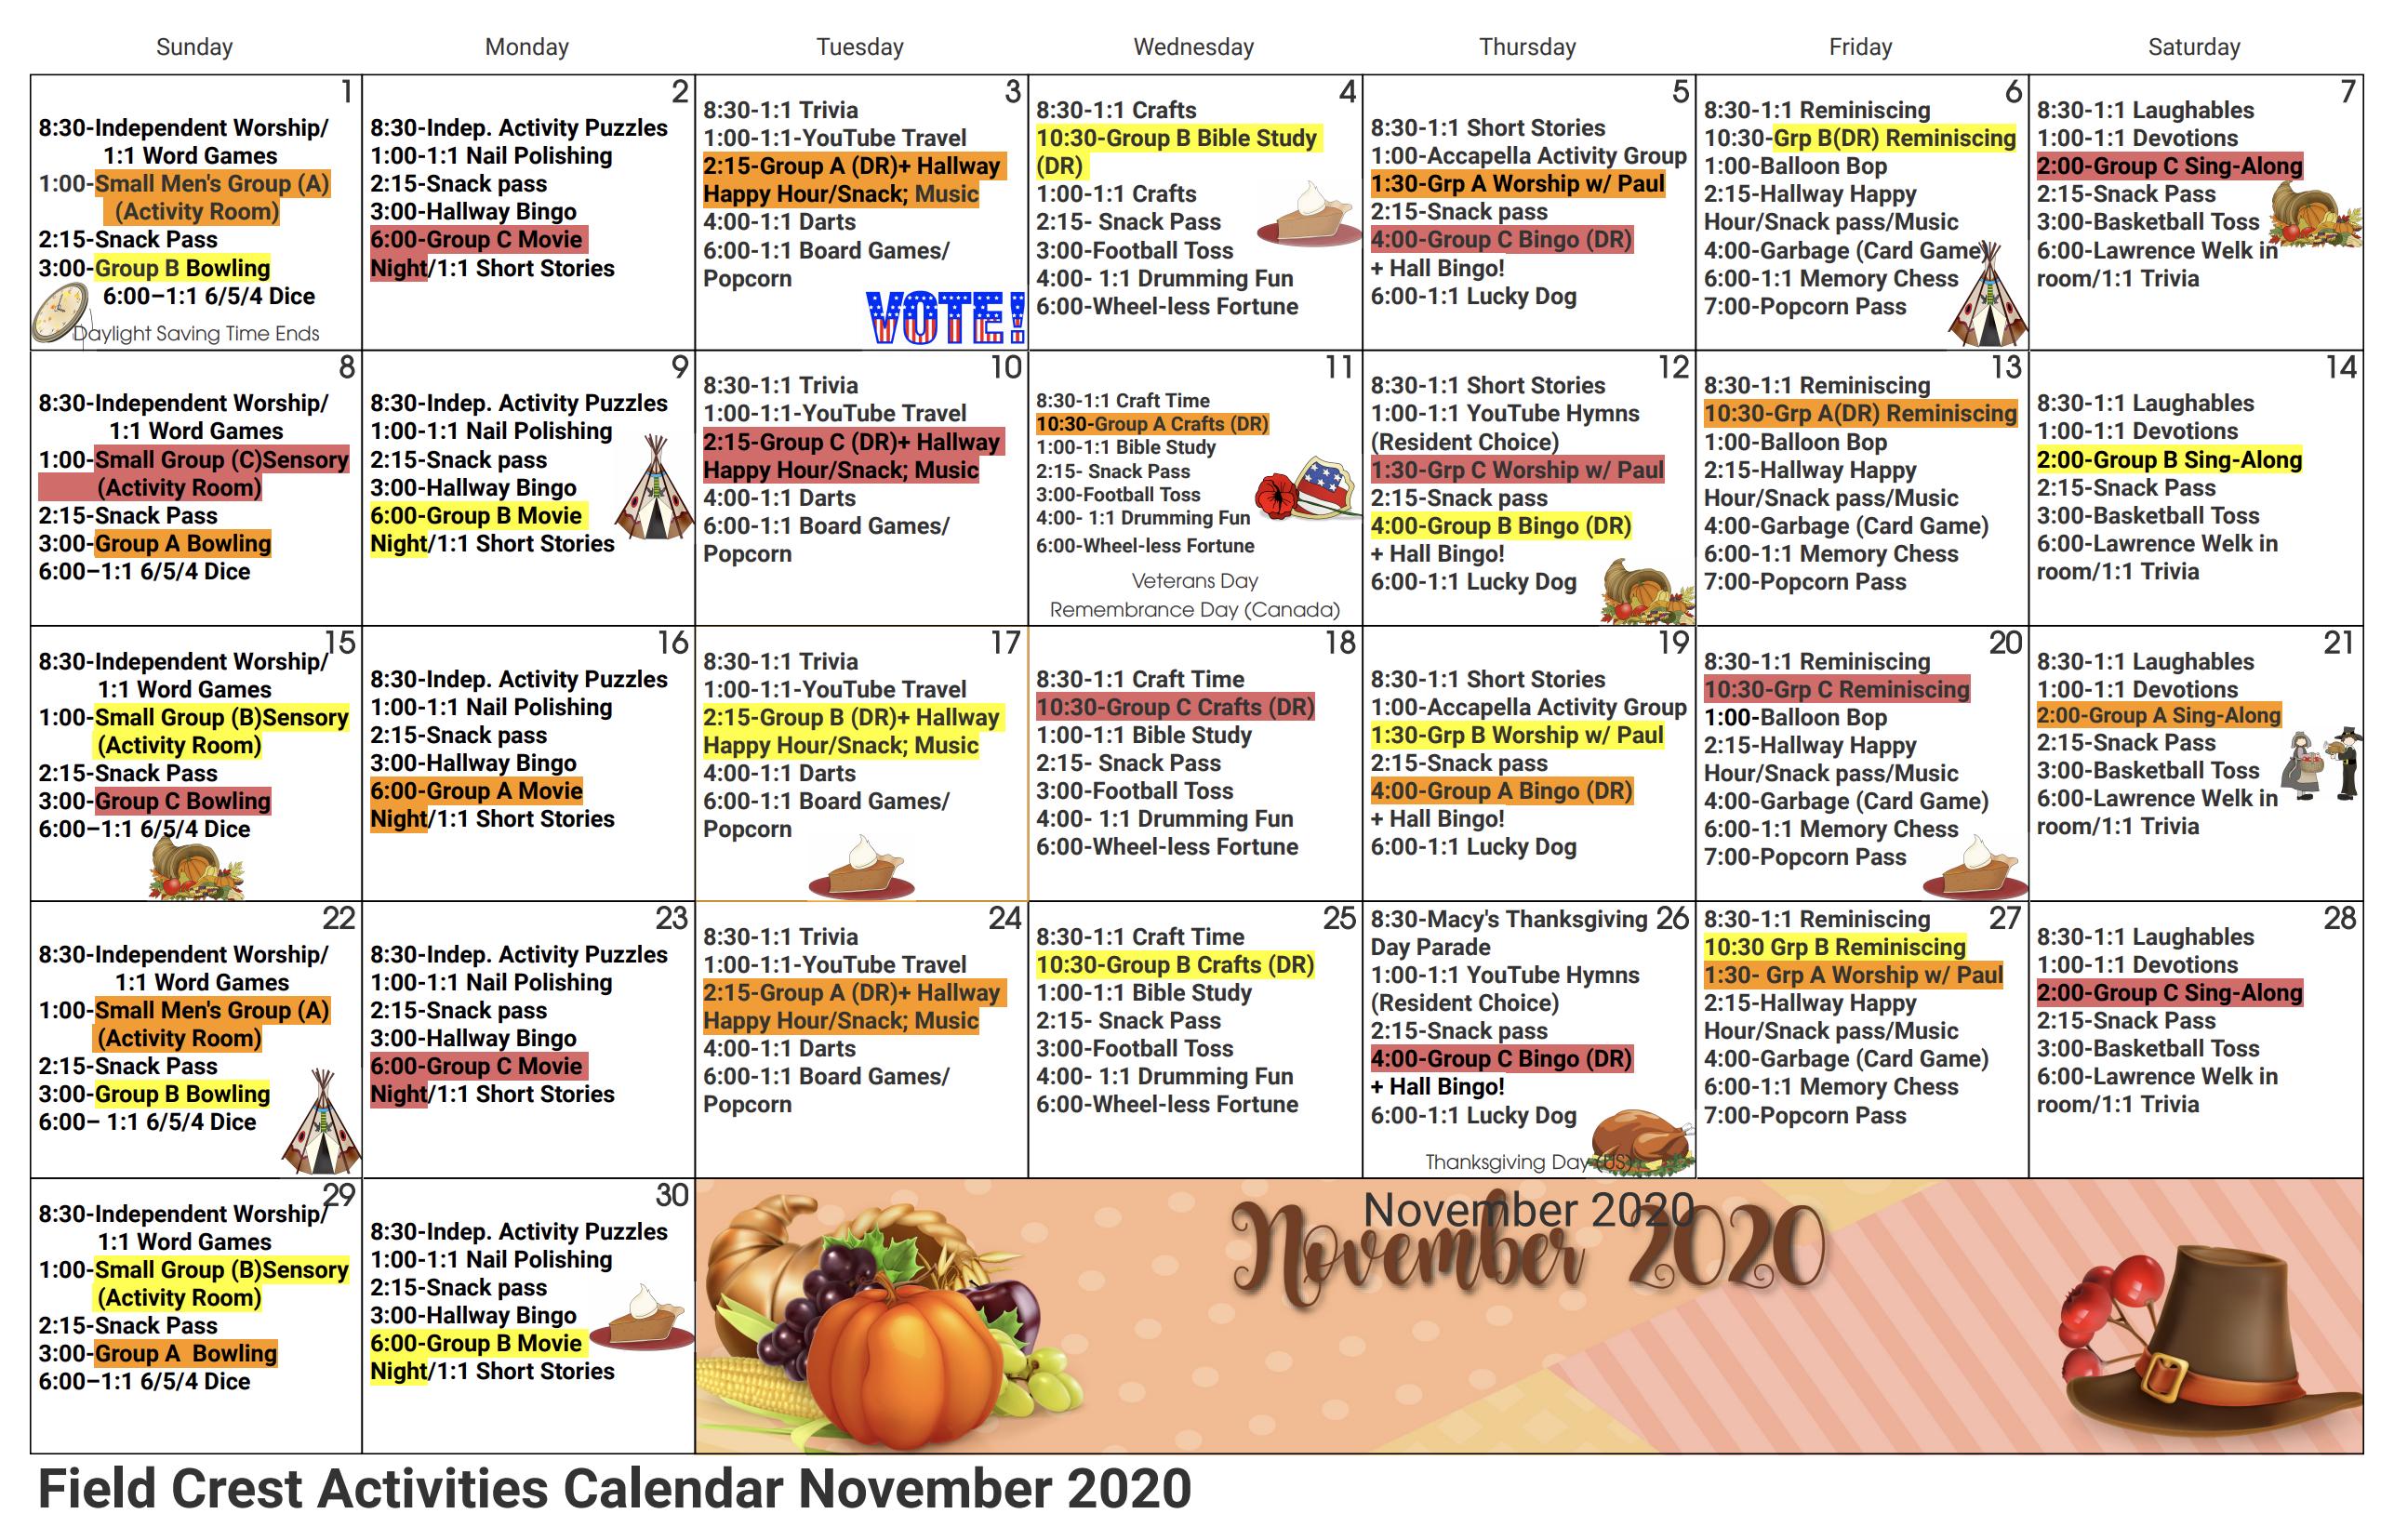 Field Crest November 2020 Calendar